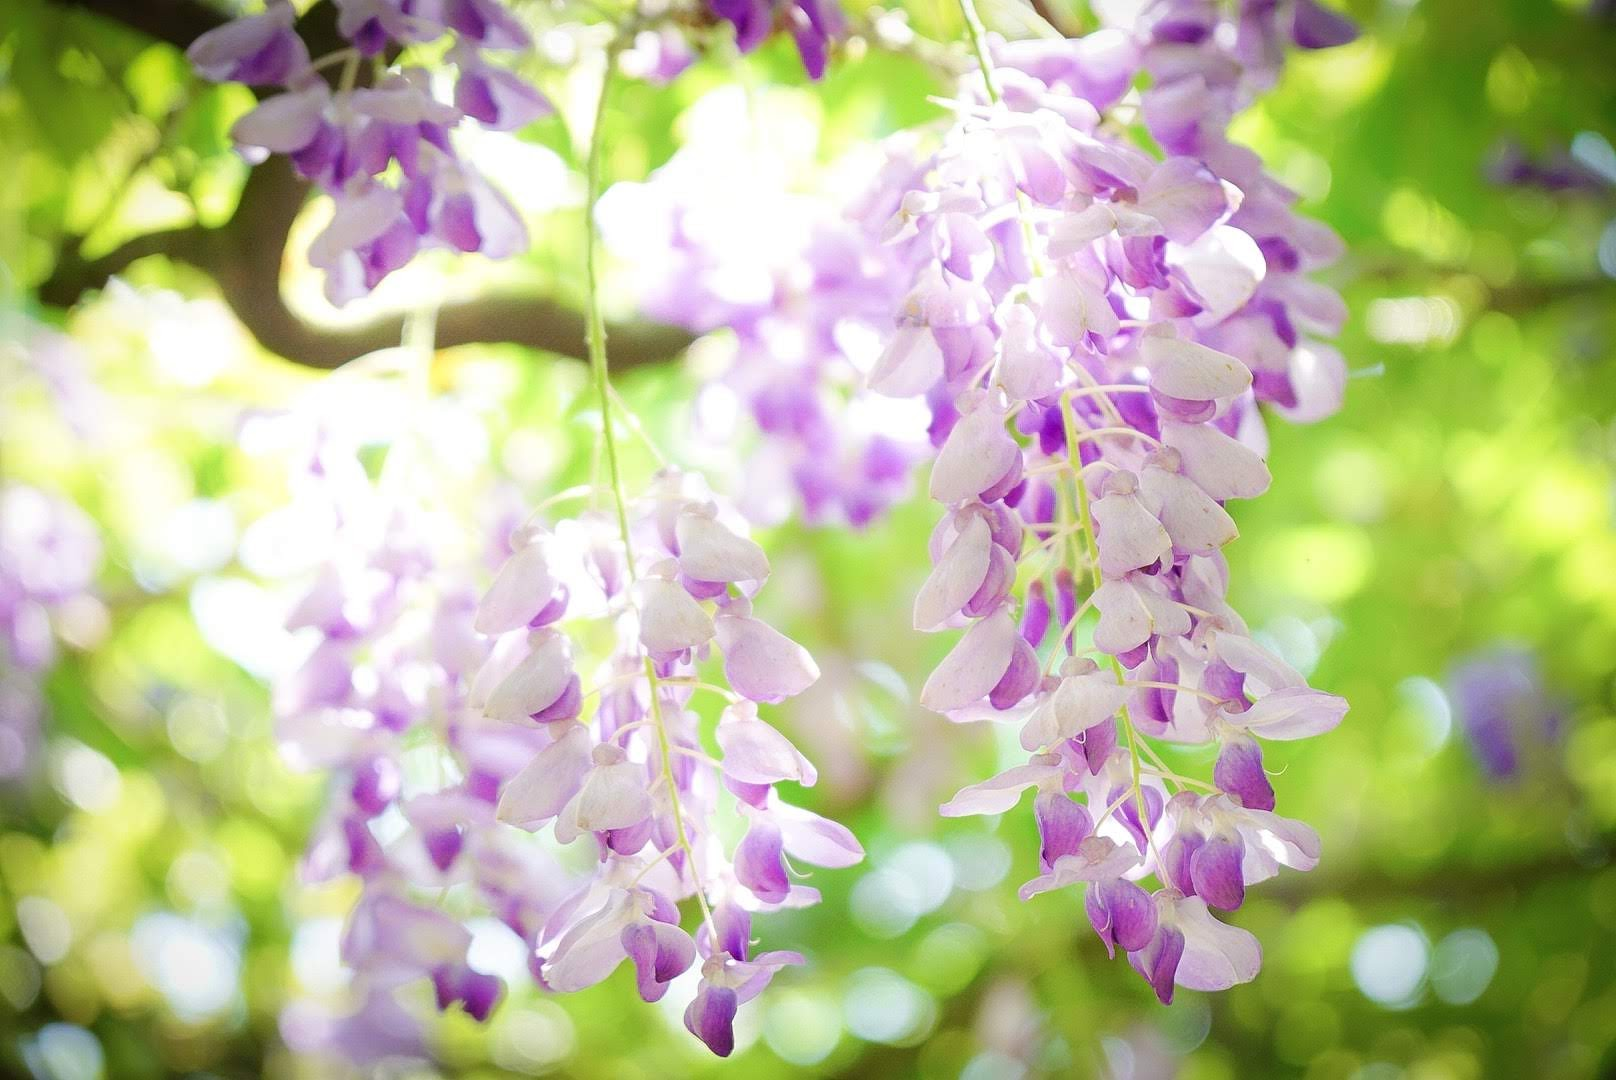 【旅遊】淡水 紫藤花咖啡園 (二店)走訪紫色夢幻隧道